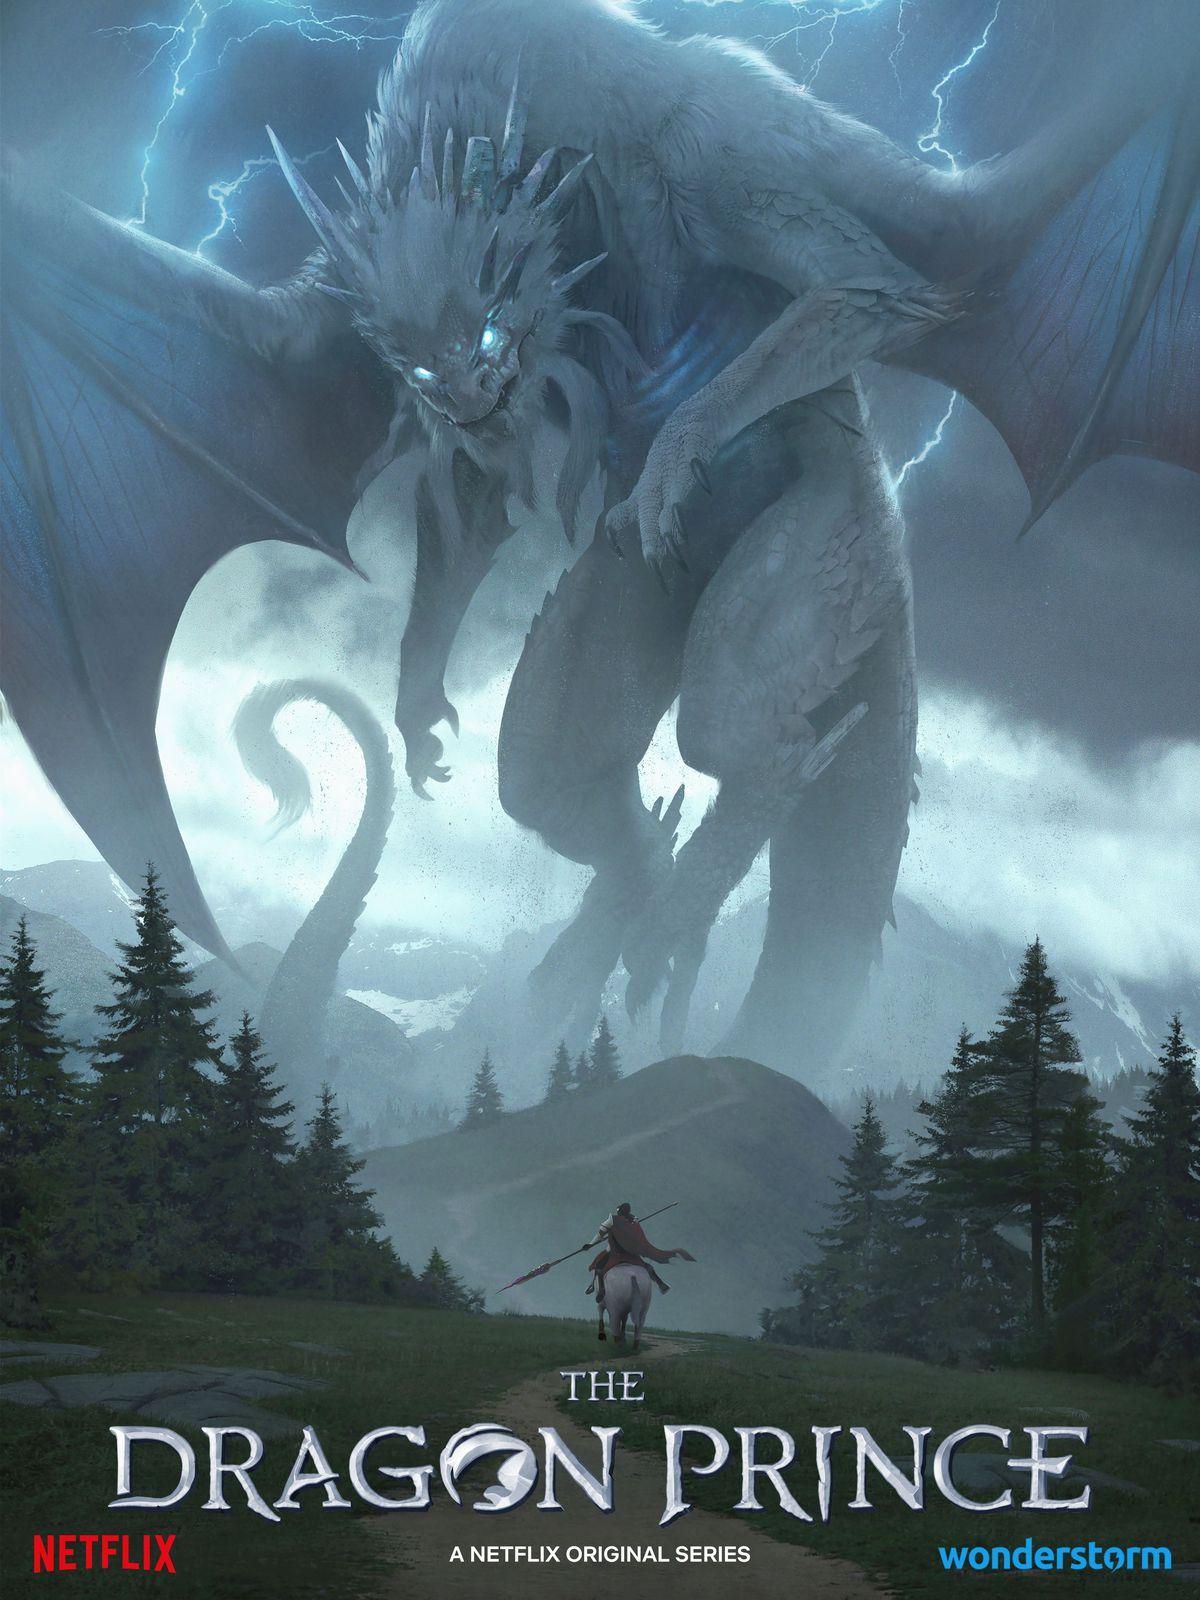 un caballero solitario a caballo se enfrenta a un gigantesco dragón gris tormentoso formidable